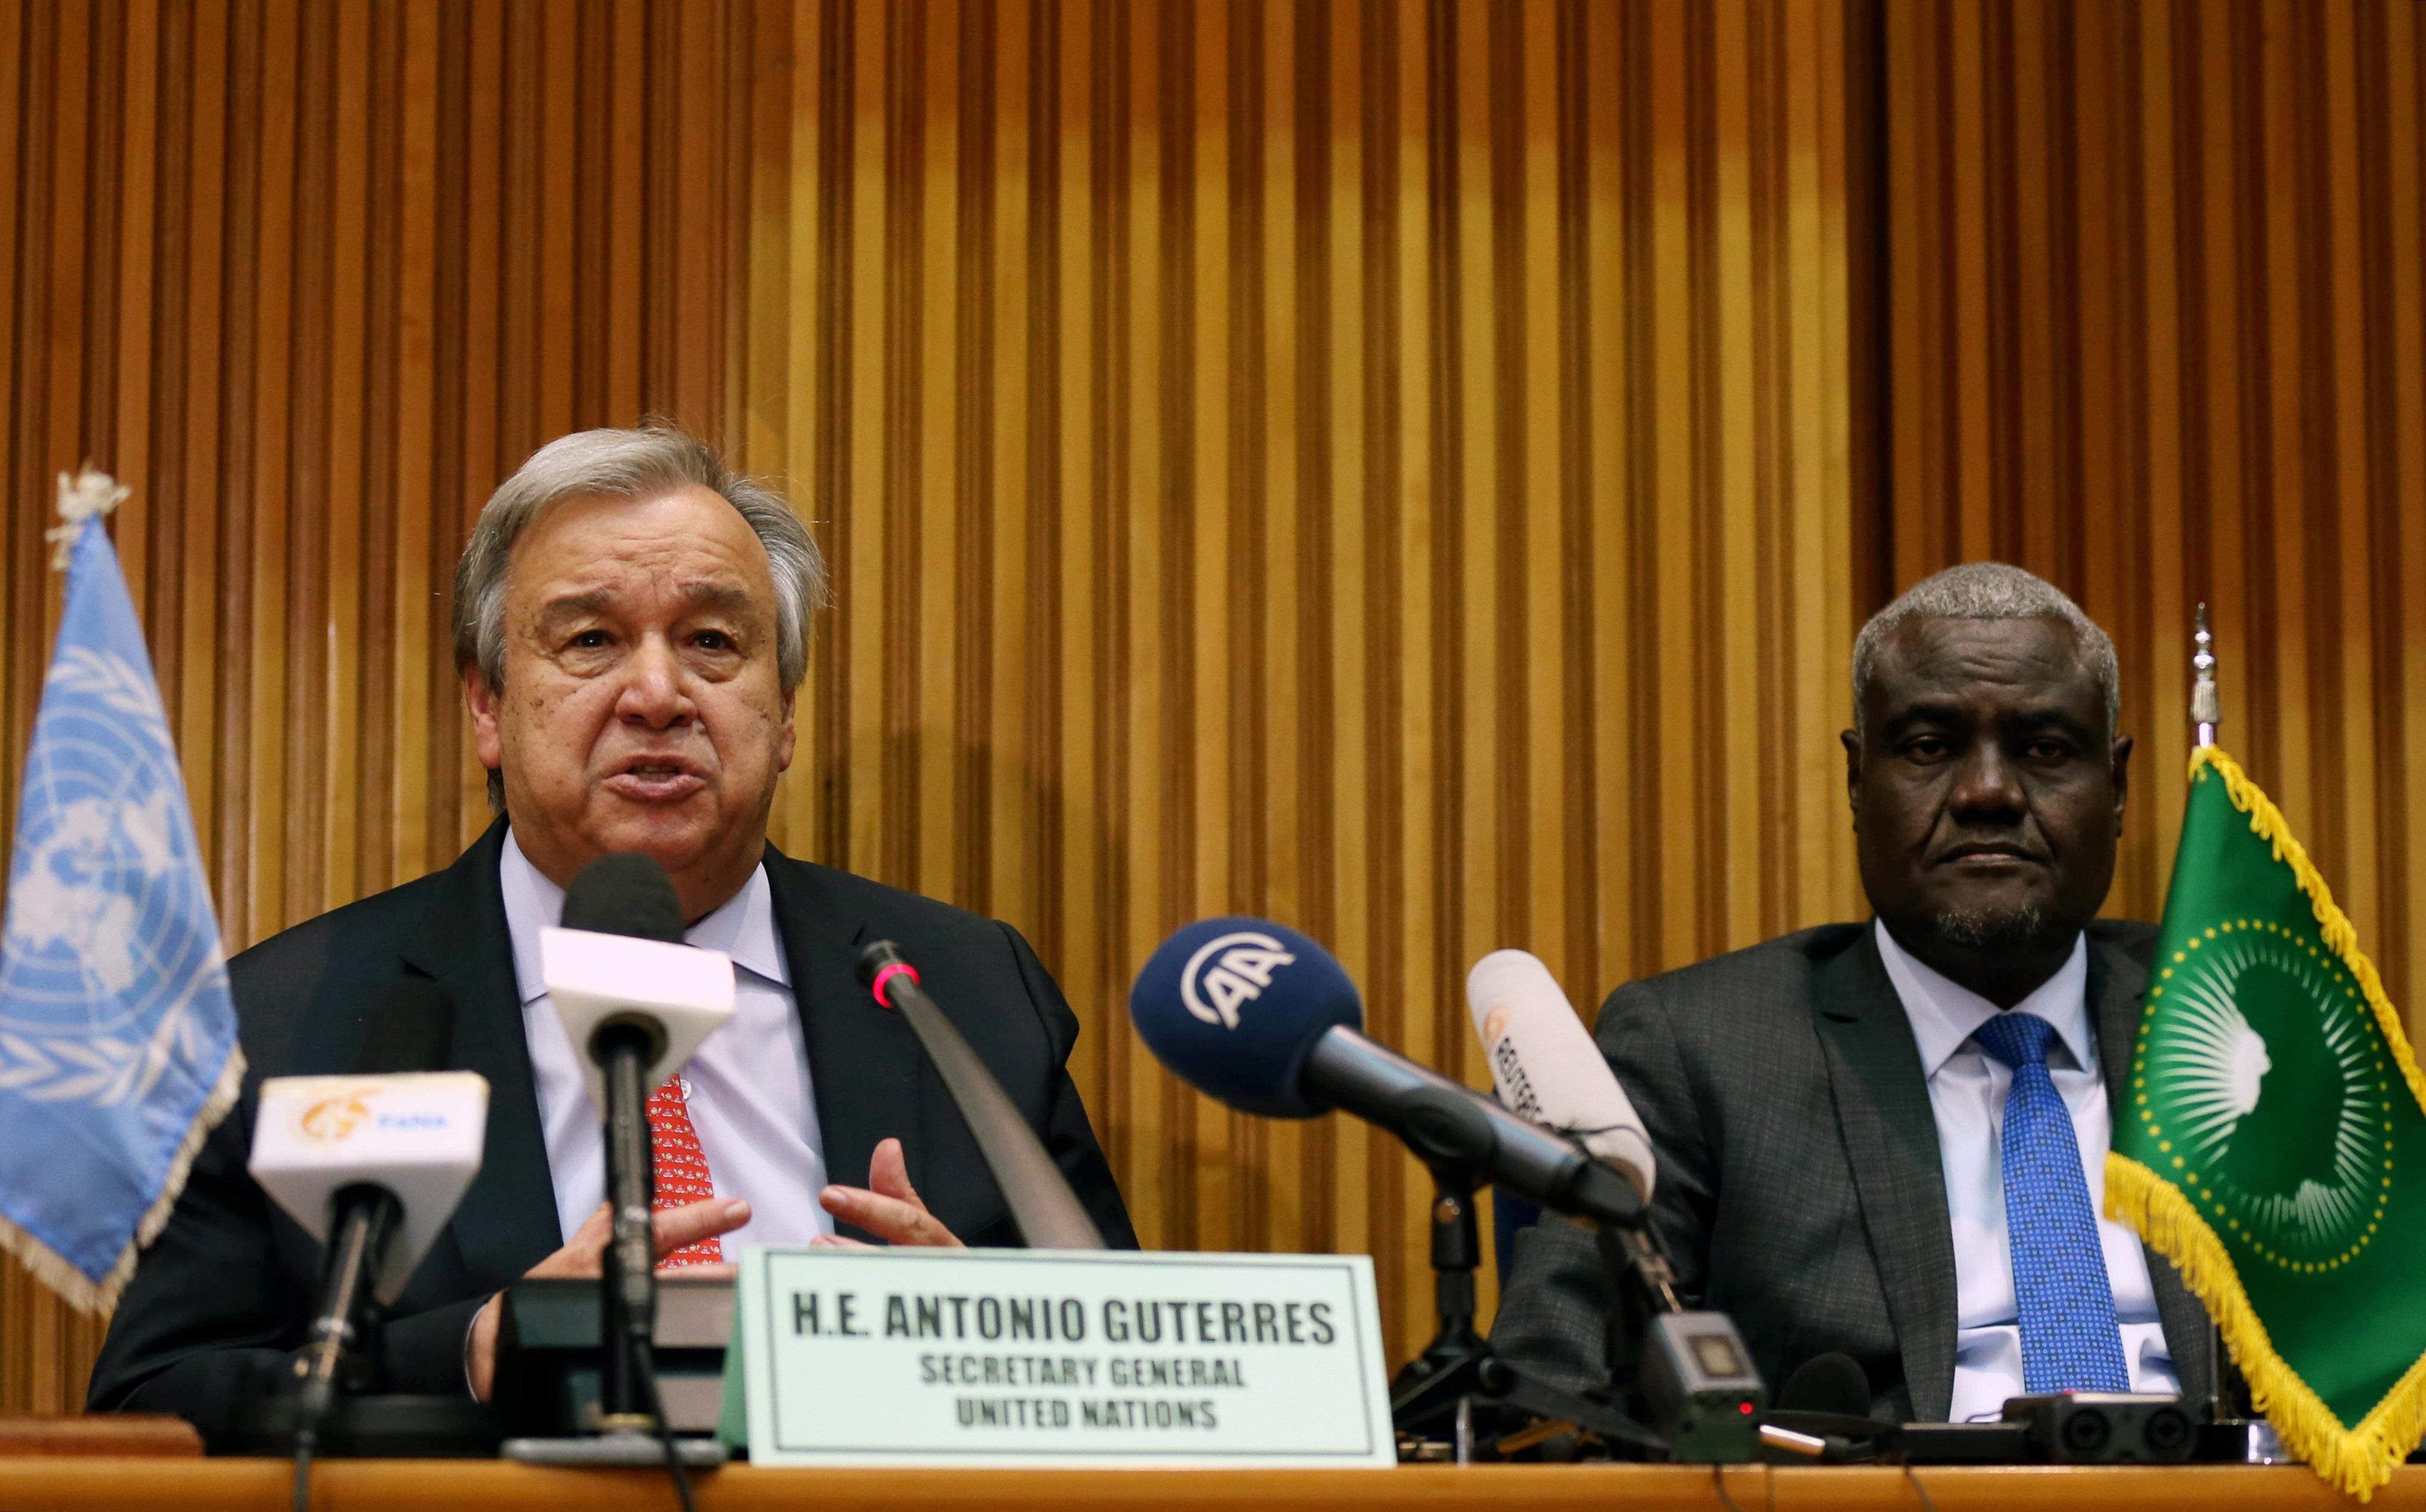 Rapport du SG de l'ONU: l'Union africaine appuie le processus politique onusien sur le